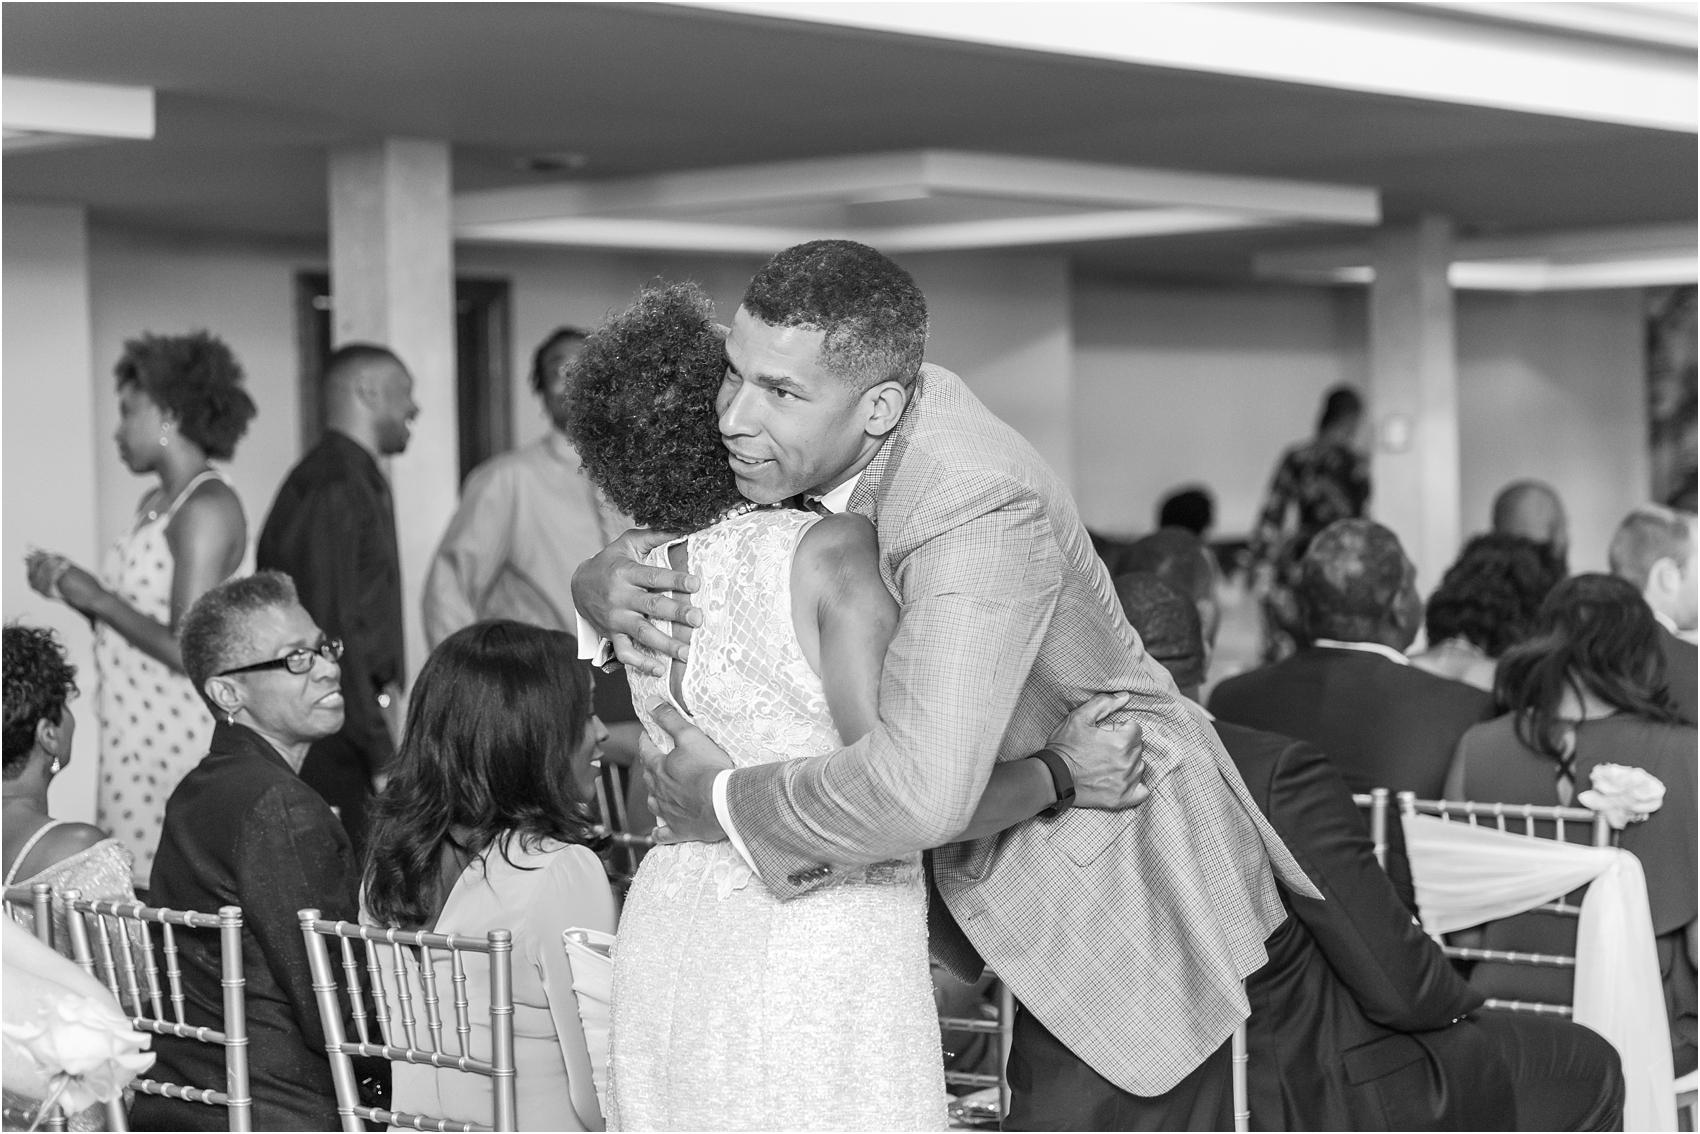 minimalist-and-modern-wedding-photos-at-30-north-saginaw-in-pontiac-michigan-by-courtney-carolyn-photography_0051.jpg